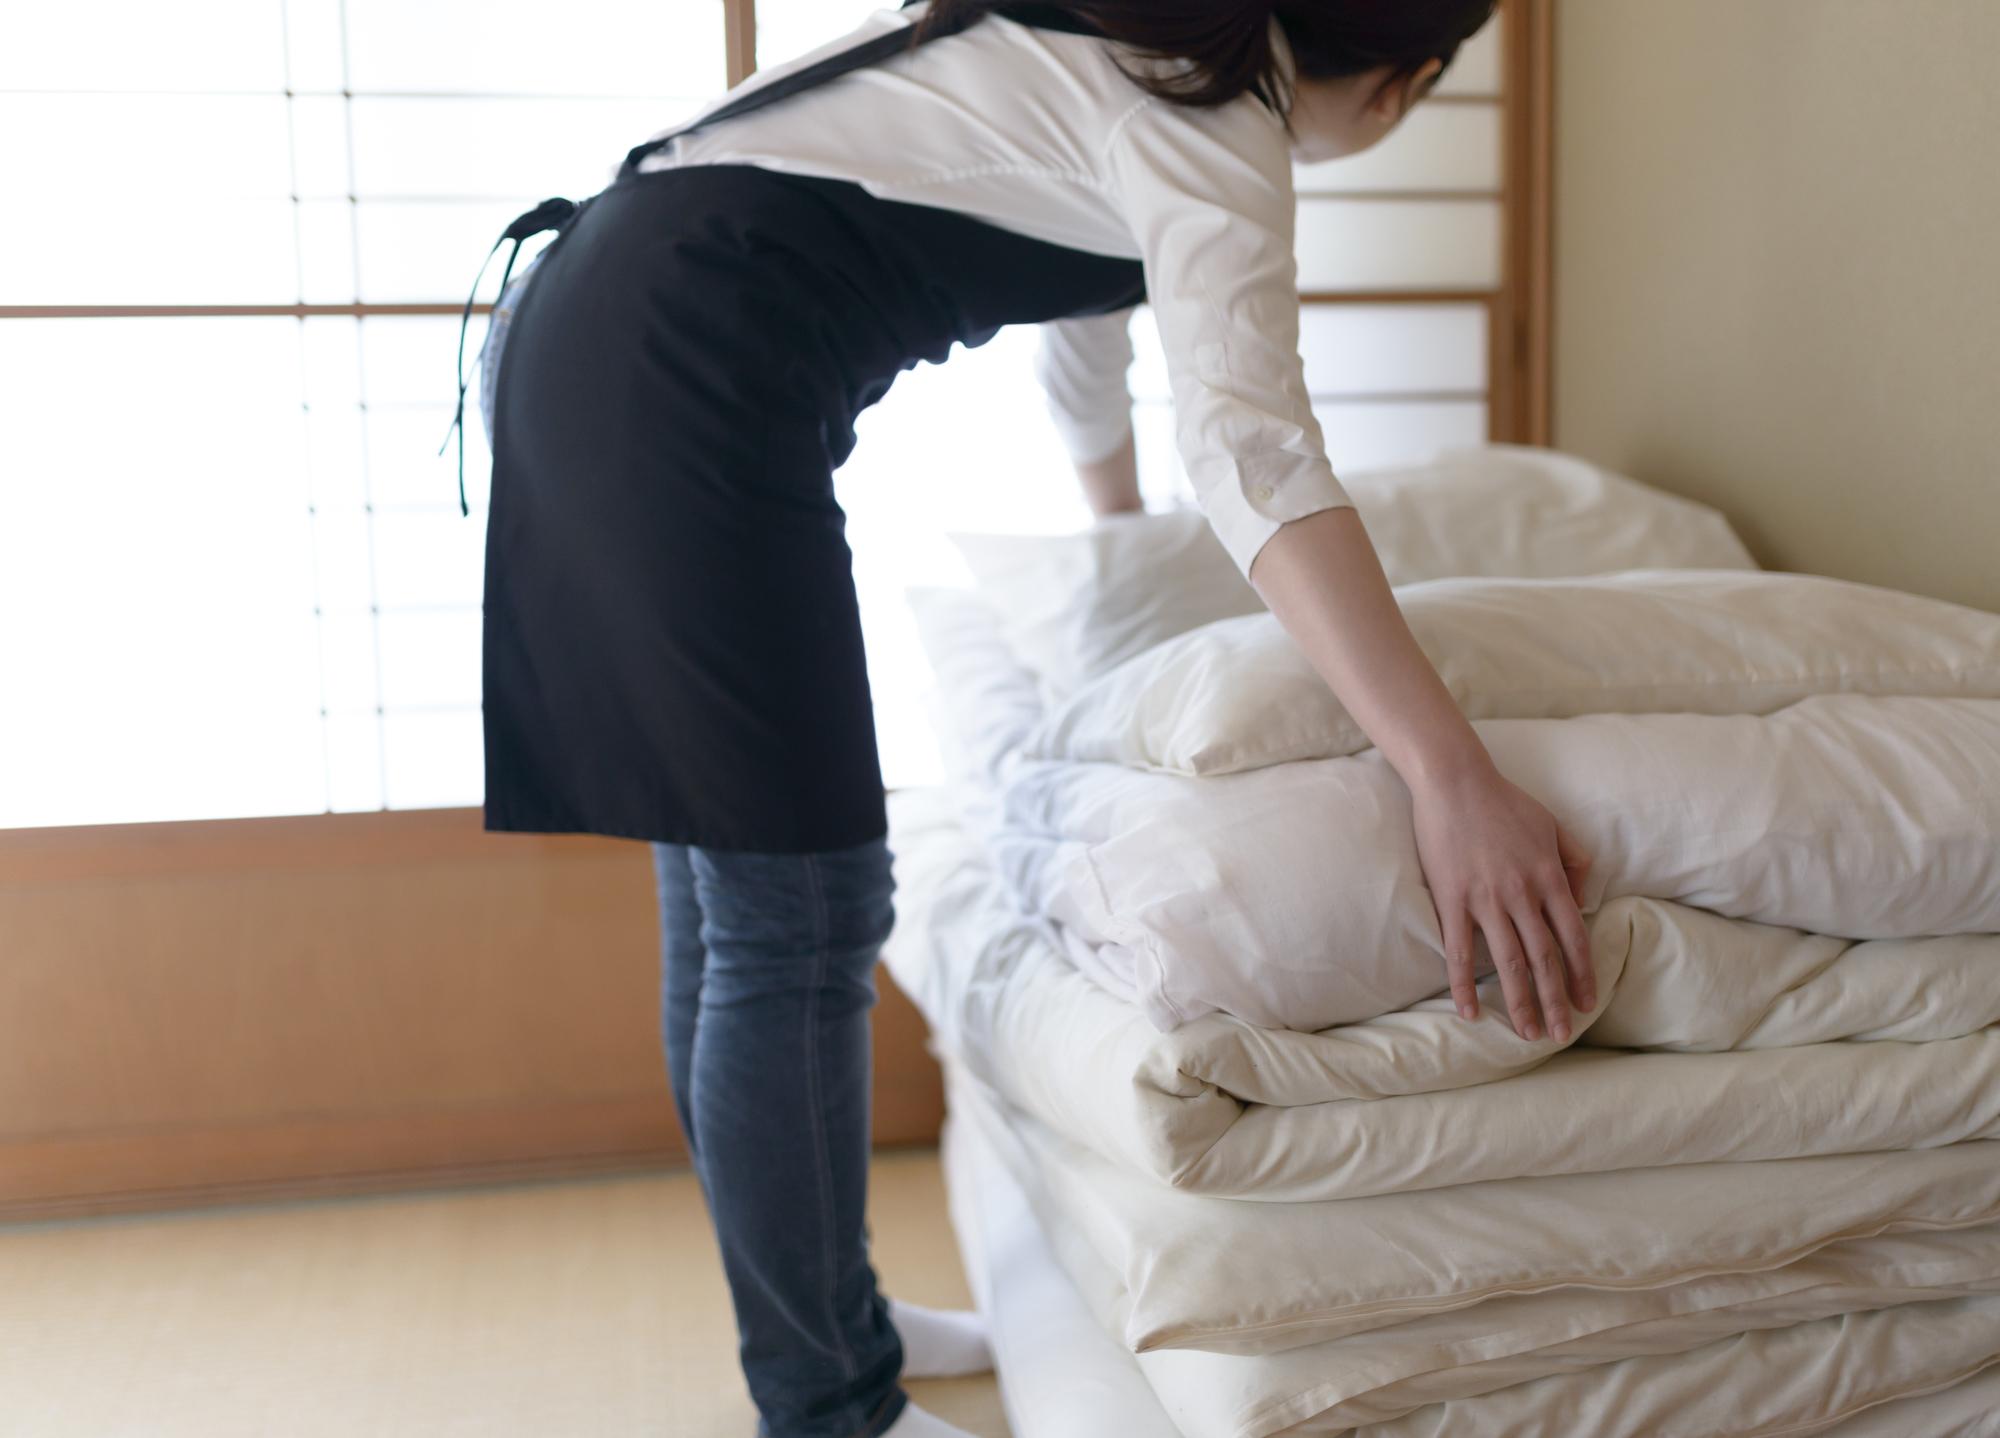 【布団の捨て方】正しい処分方法と注意点を大阪市の事例も交えてご説明